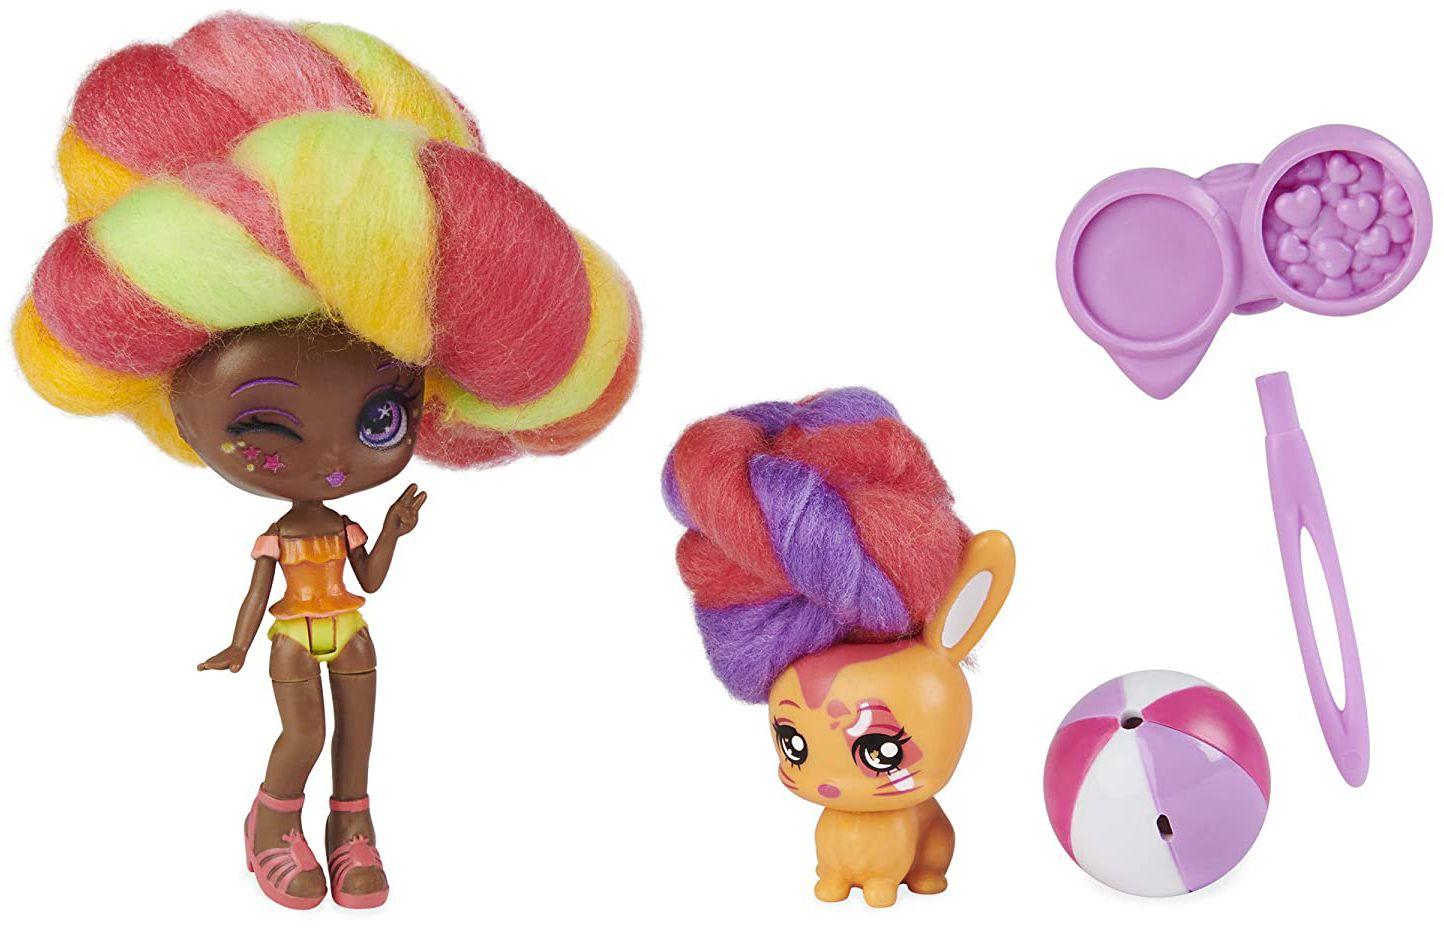 Мини кукла с ароматна коса Candylocks - С домашен любимец, асортимент - 11